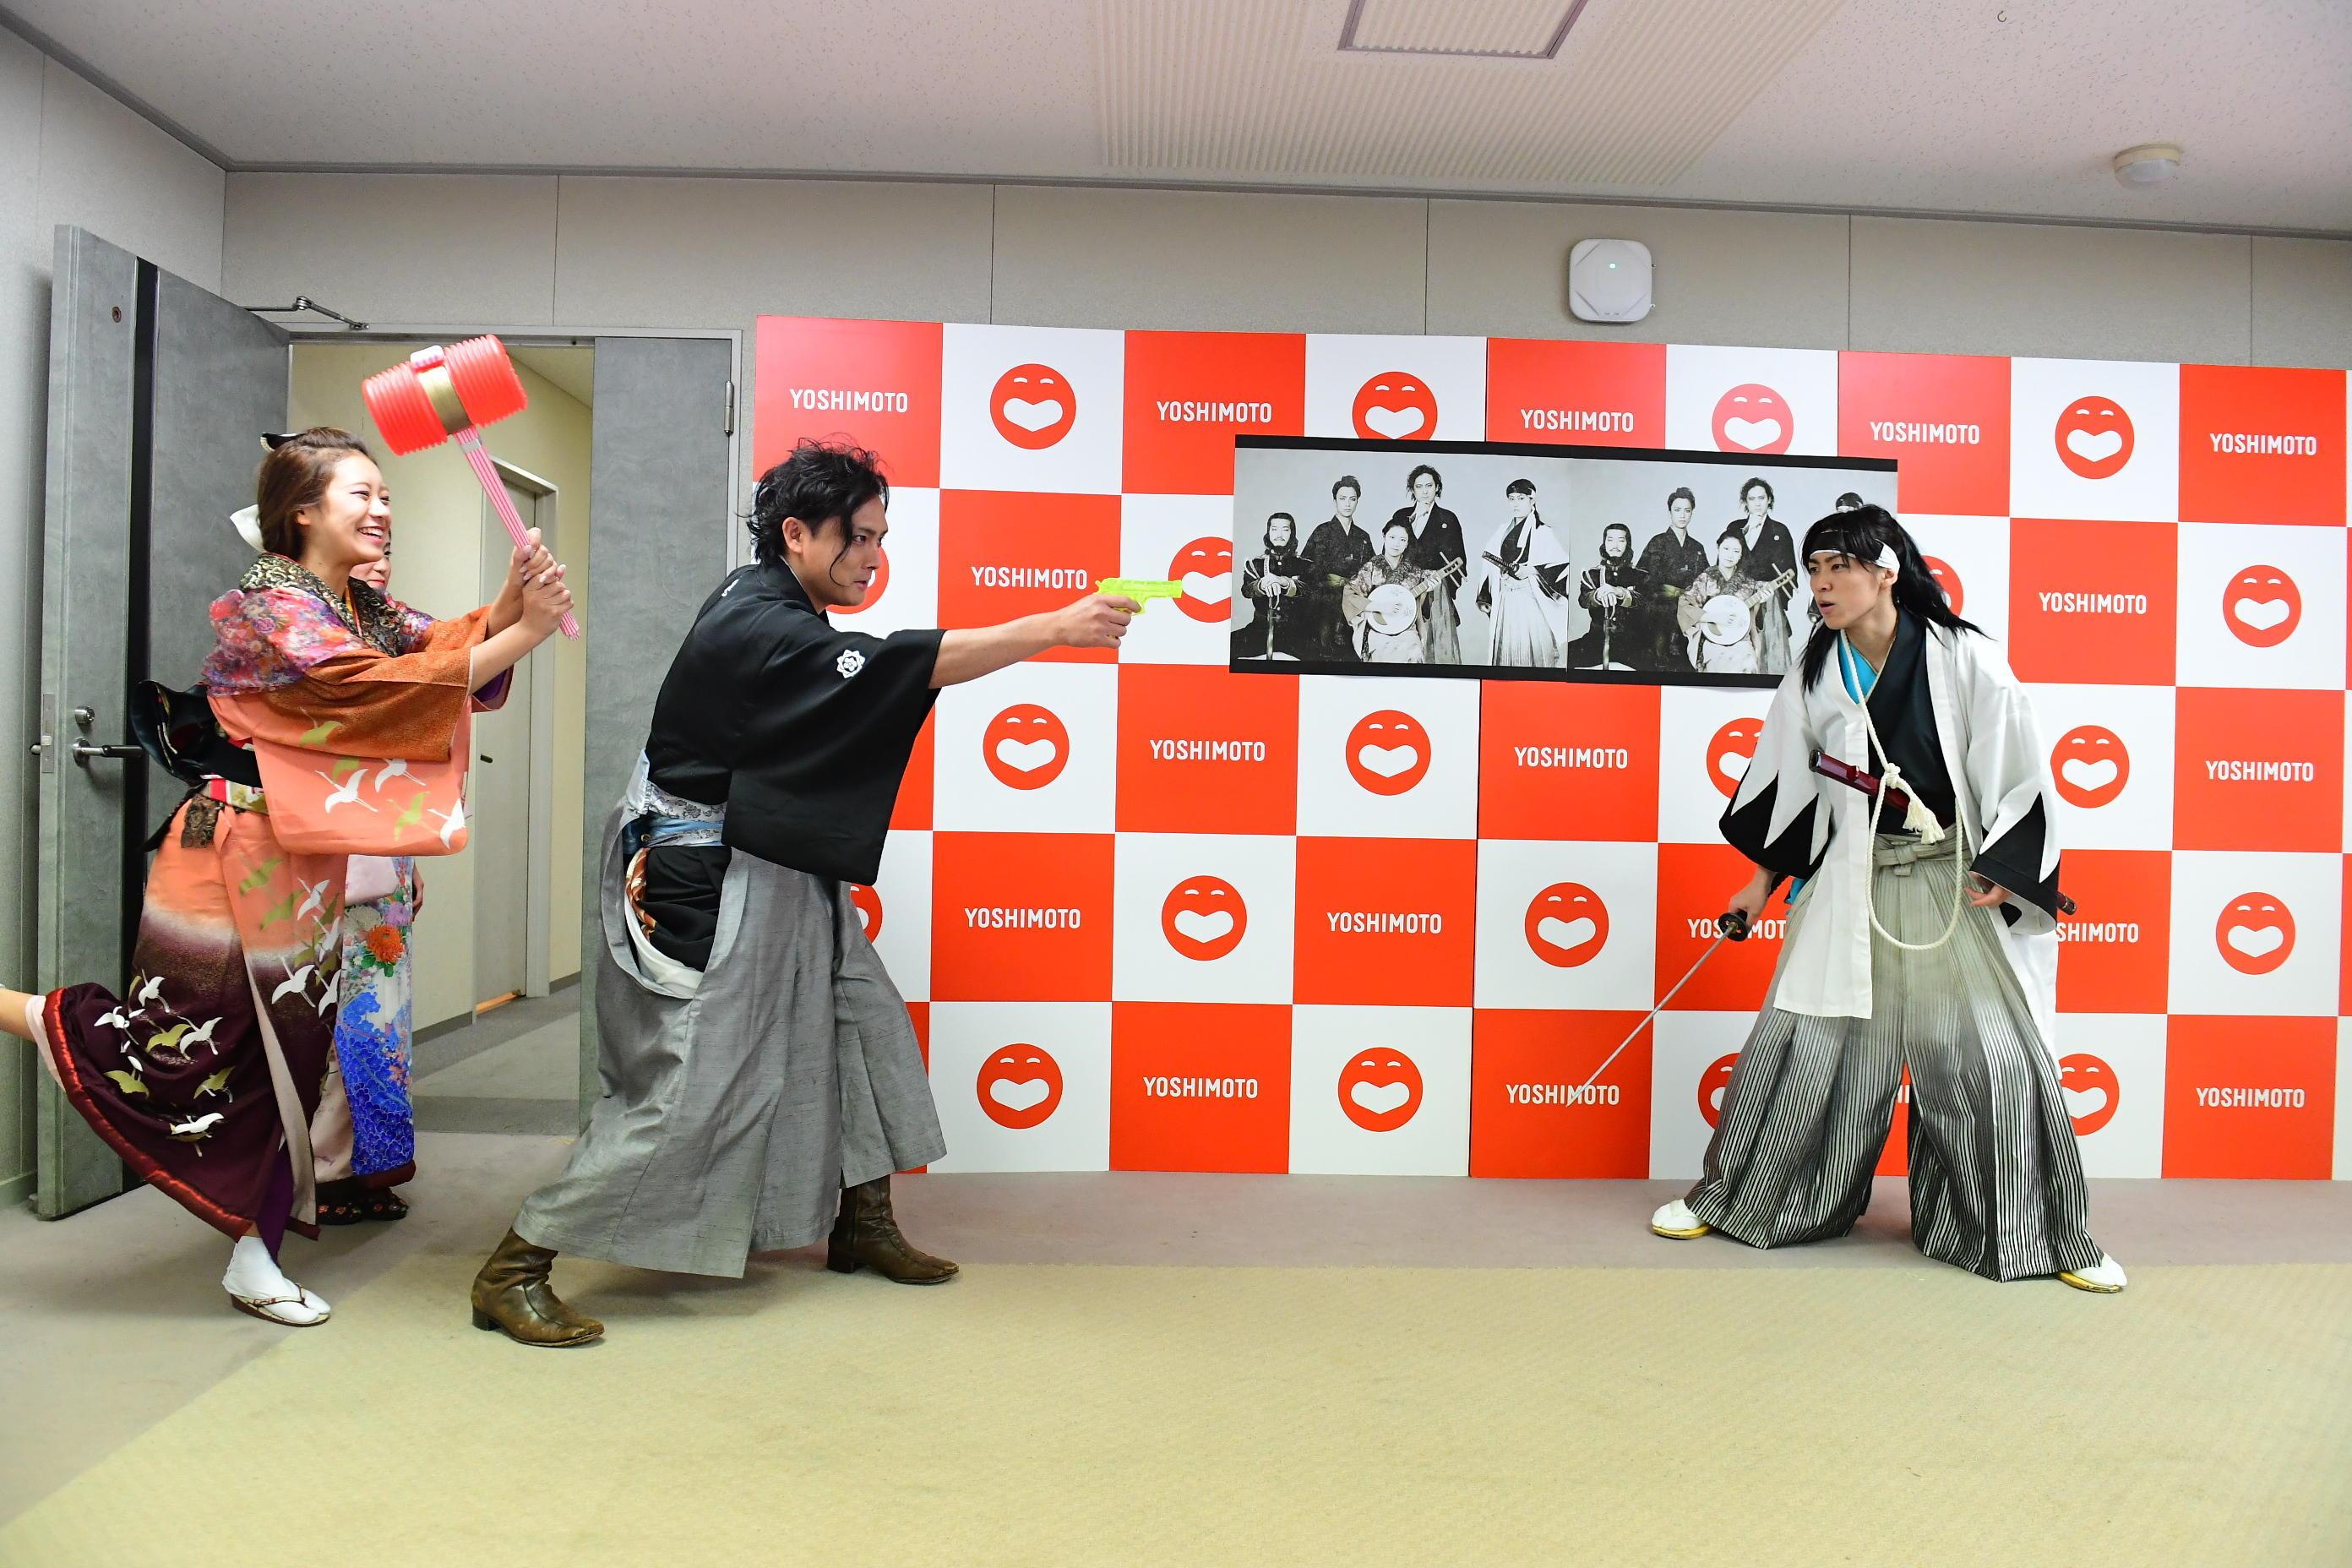 http://news.yoshimoto.co.jp/20170223194019-a64477bd88803fb426a377b2a38d44e1ce892bbd.jpg